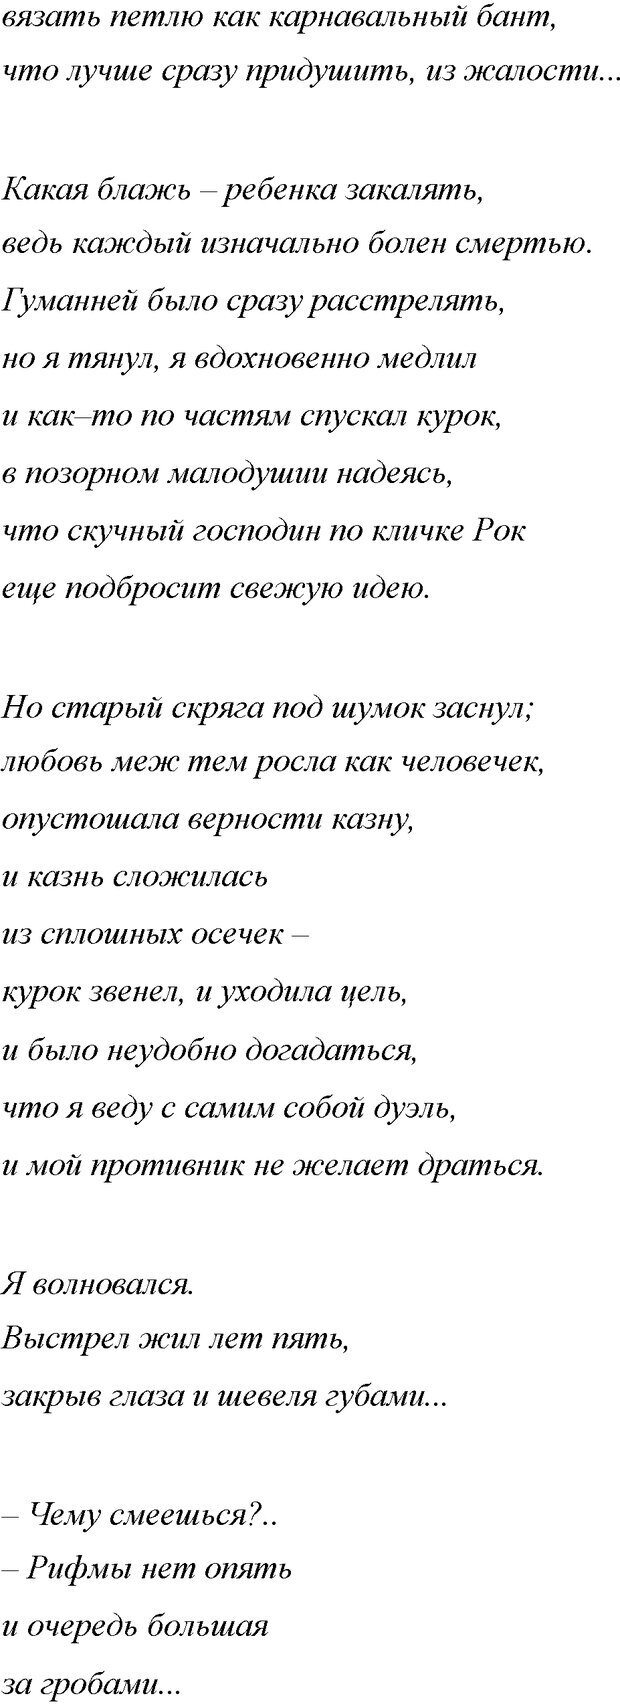 DJVU. Семейные войны. Леви В. Л. Страница 133. Читать онлайн